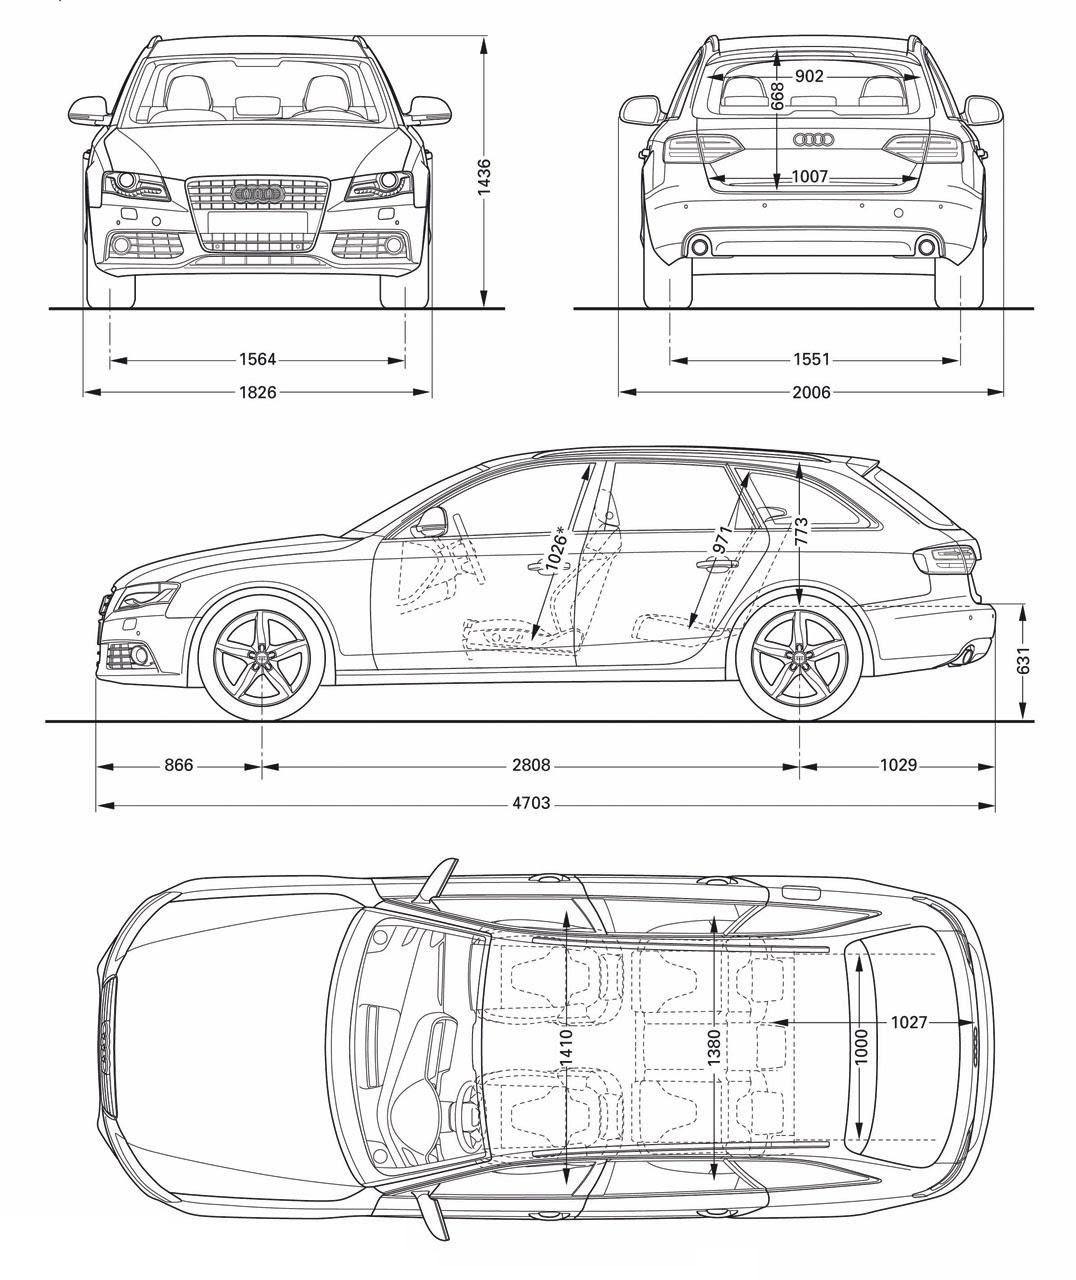 تقسيم بلوبرنت سيارة في الفوتوشوب وادخالها في برنامج 3d max